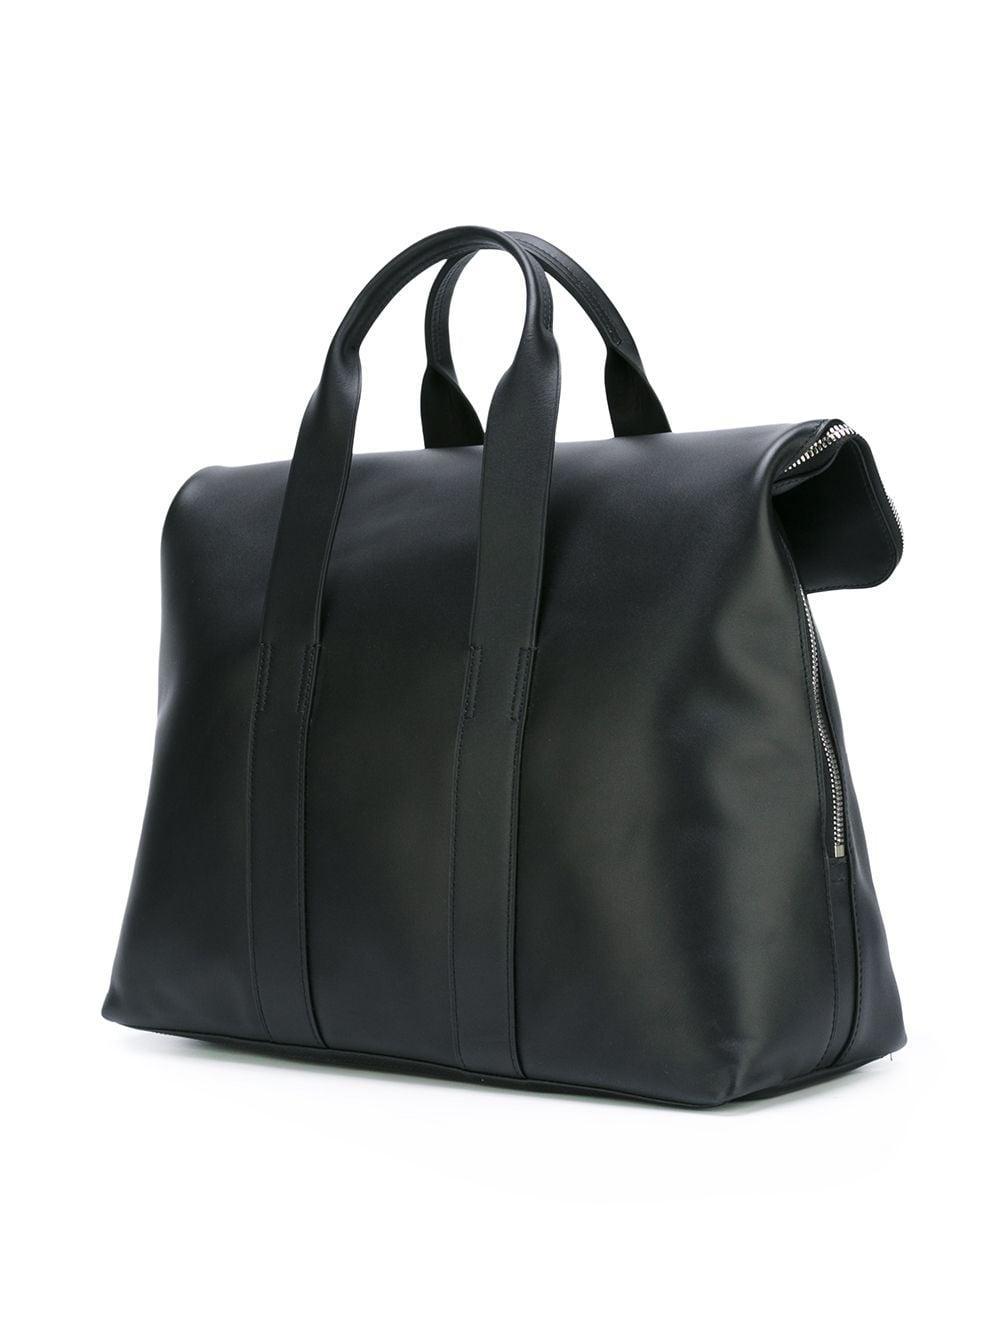 3.1 Phillip Lim Leder '31 Hour' Handtasche in Schwarz gFKUF